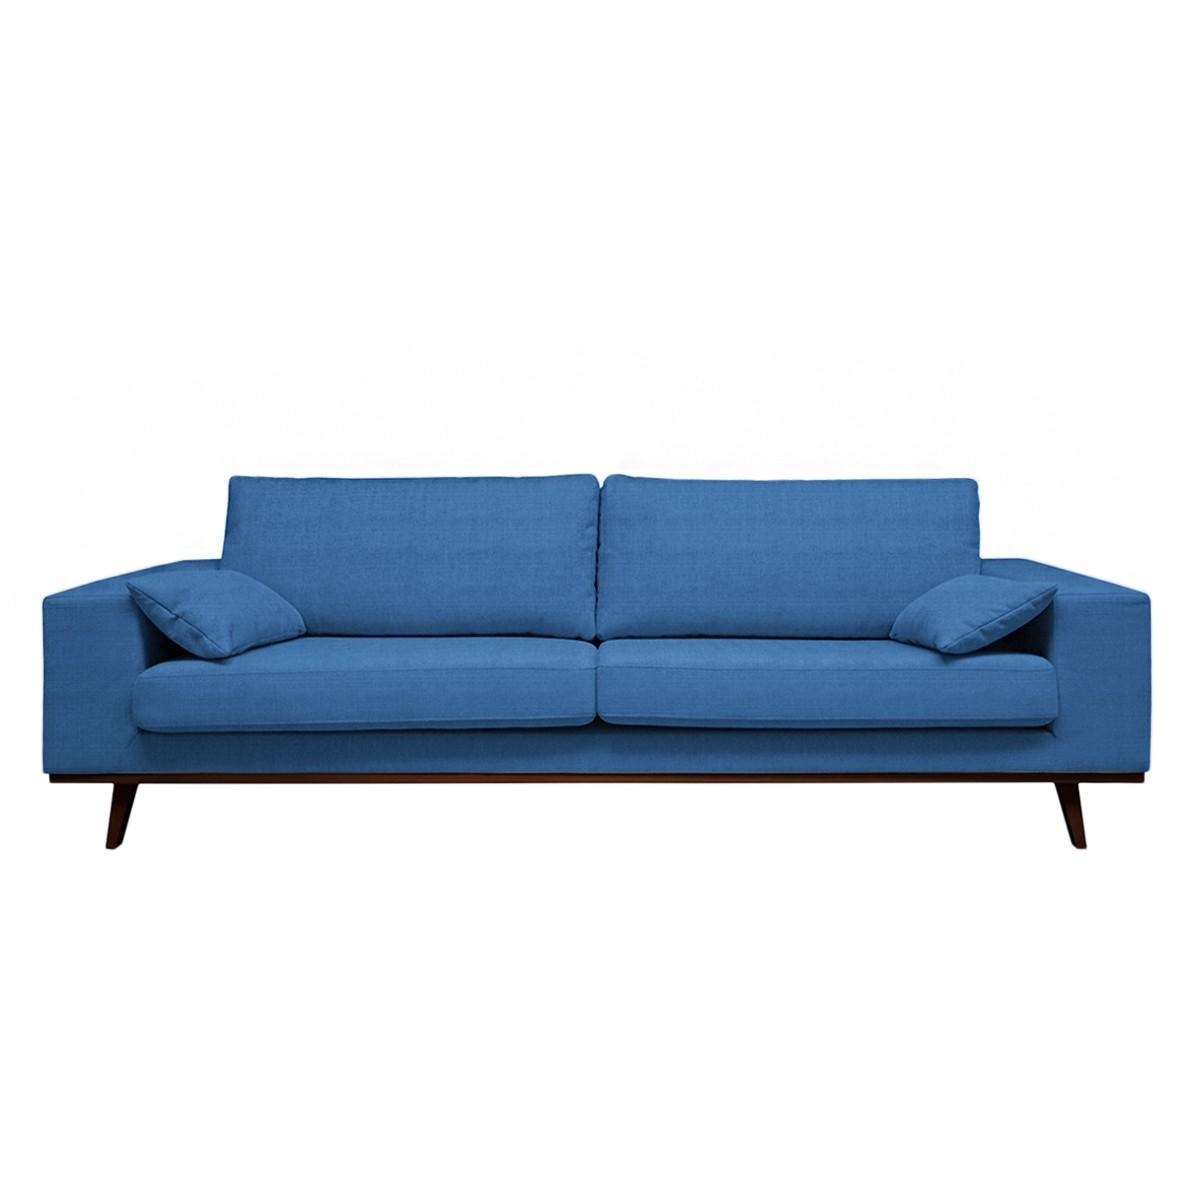 Canapé Billund II (2 places) - Tissu - Bleu brillant, Morteens